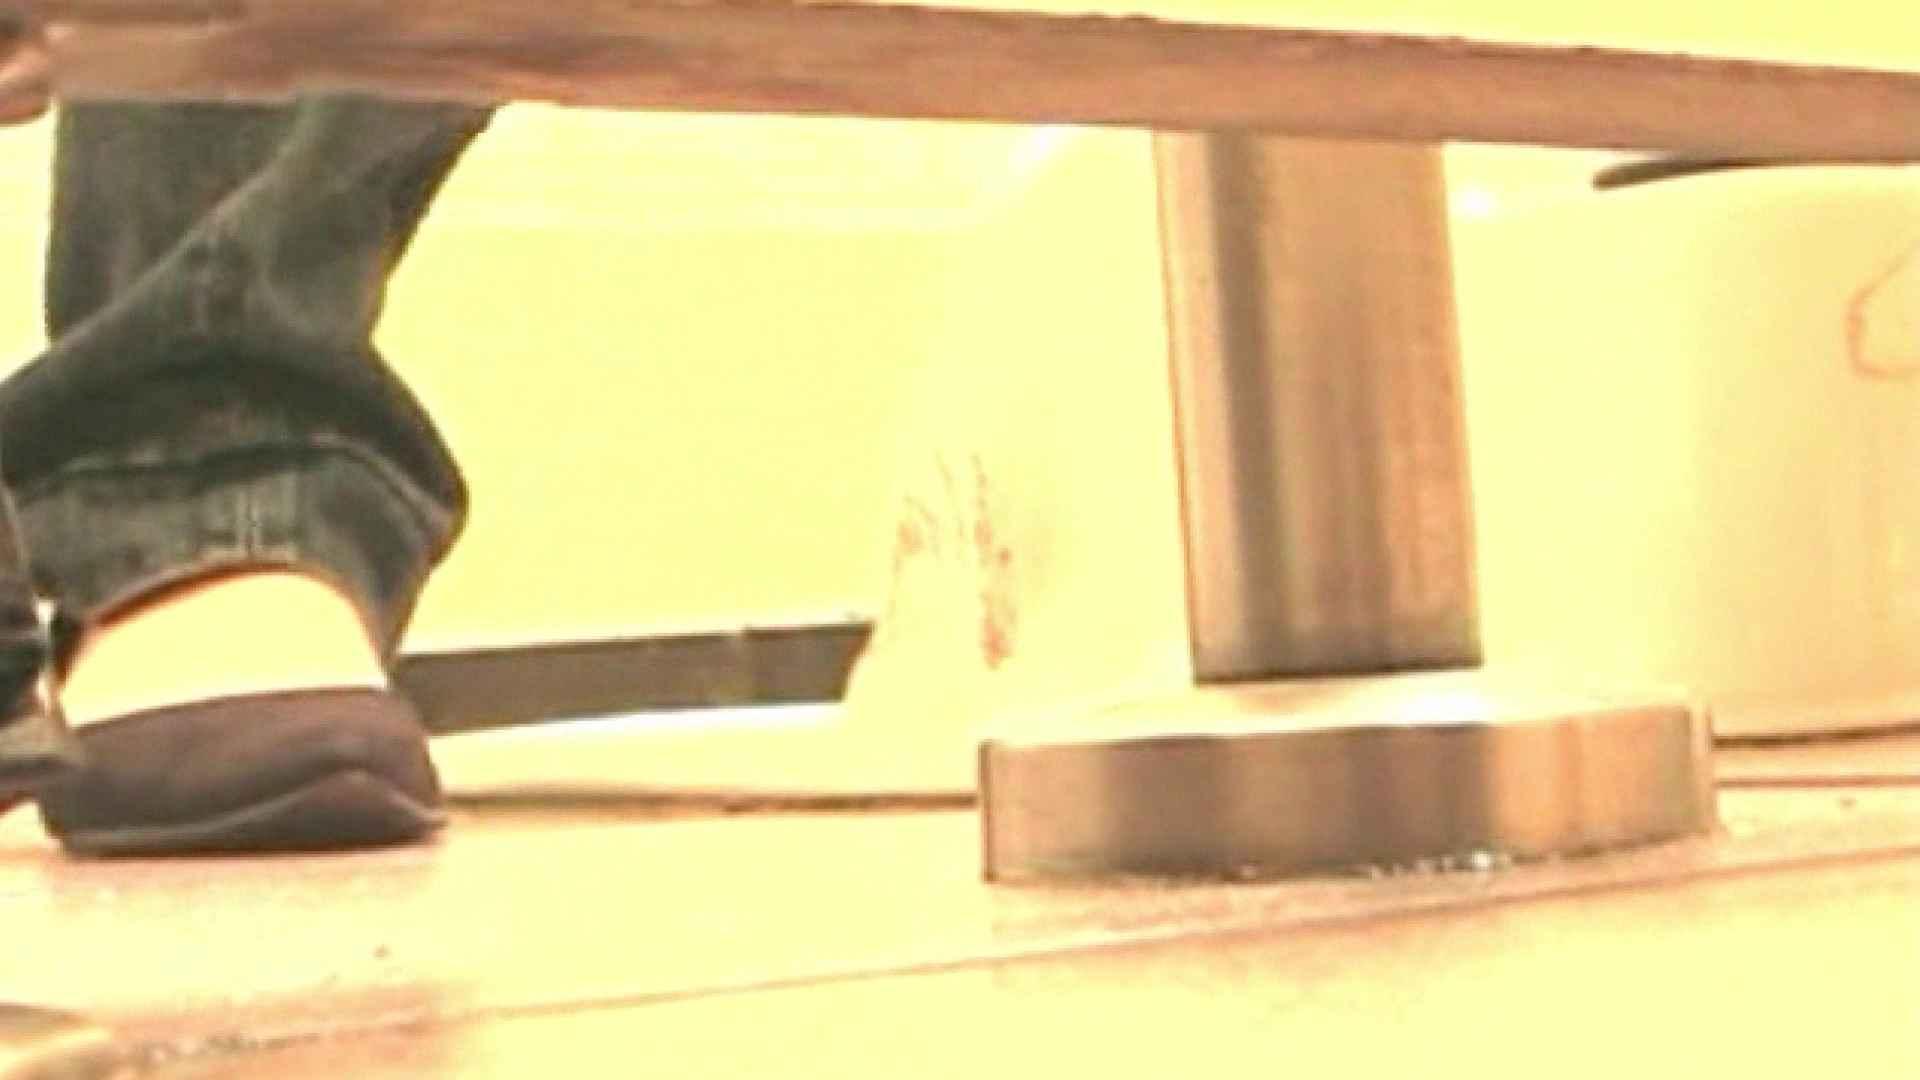 ロックハンドさんの盗撮記録File.52 接写 盗撮われめAV動画紹介 76画像 21